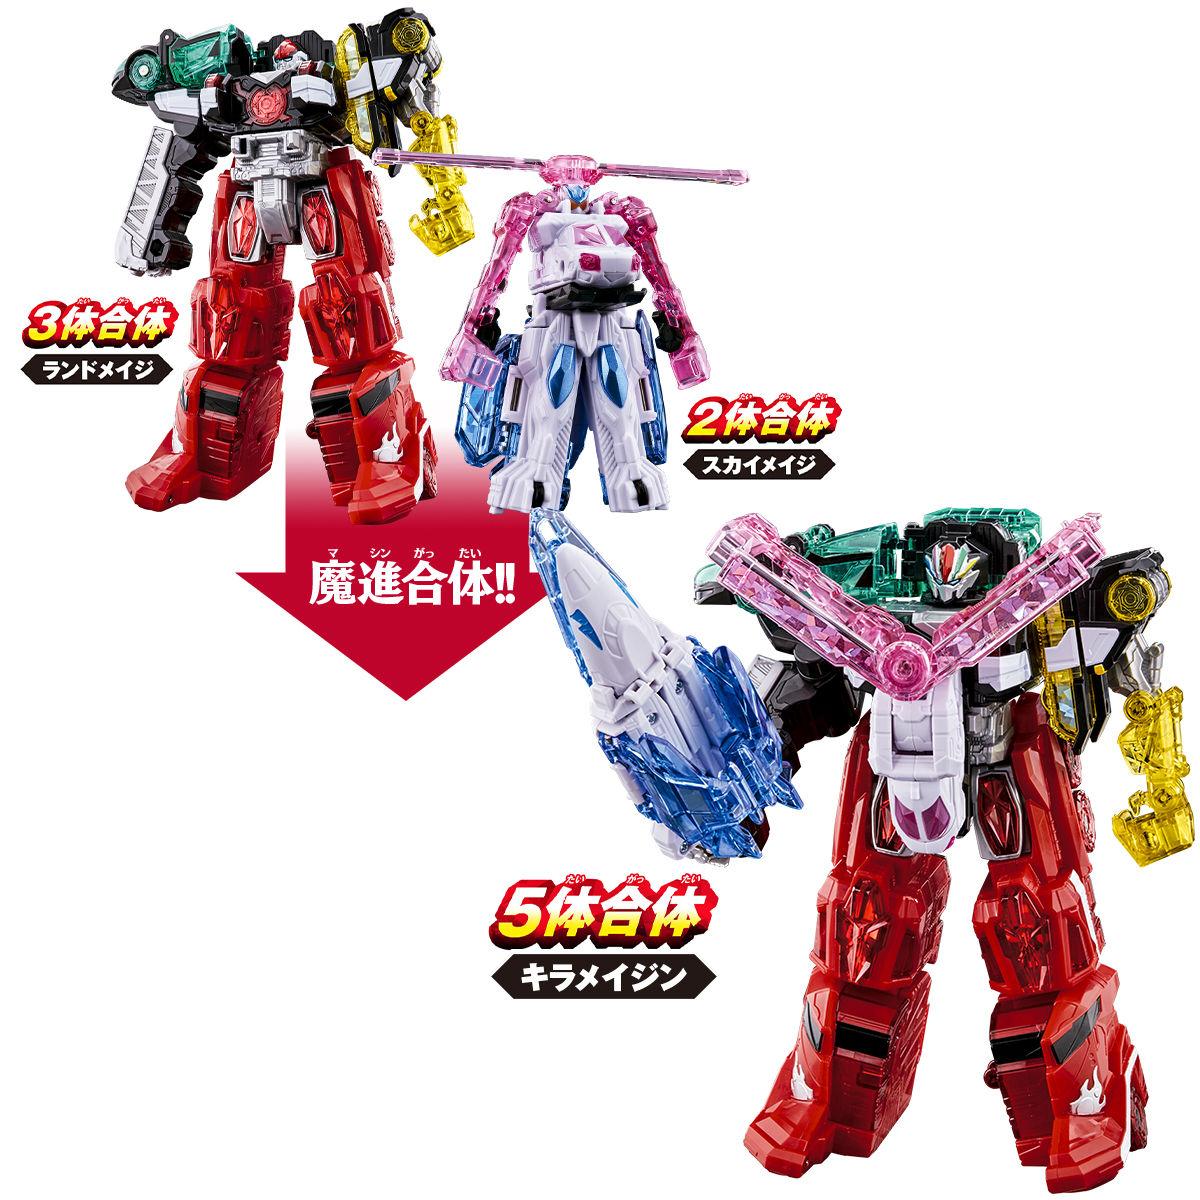 キラメイジャー ロボシリーズ01『魔進合体 DXキラメイジンセット』可変可動フィギュア-009